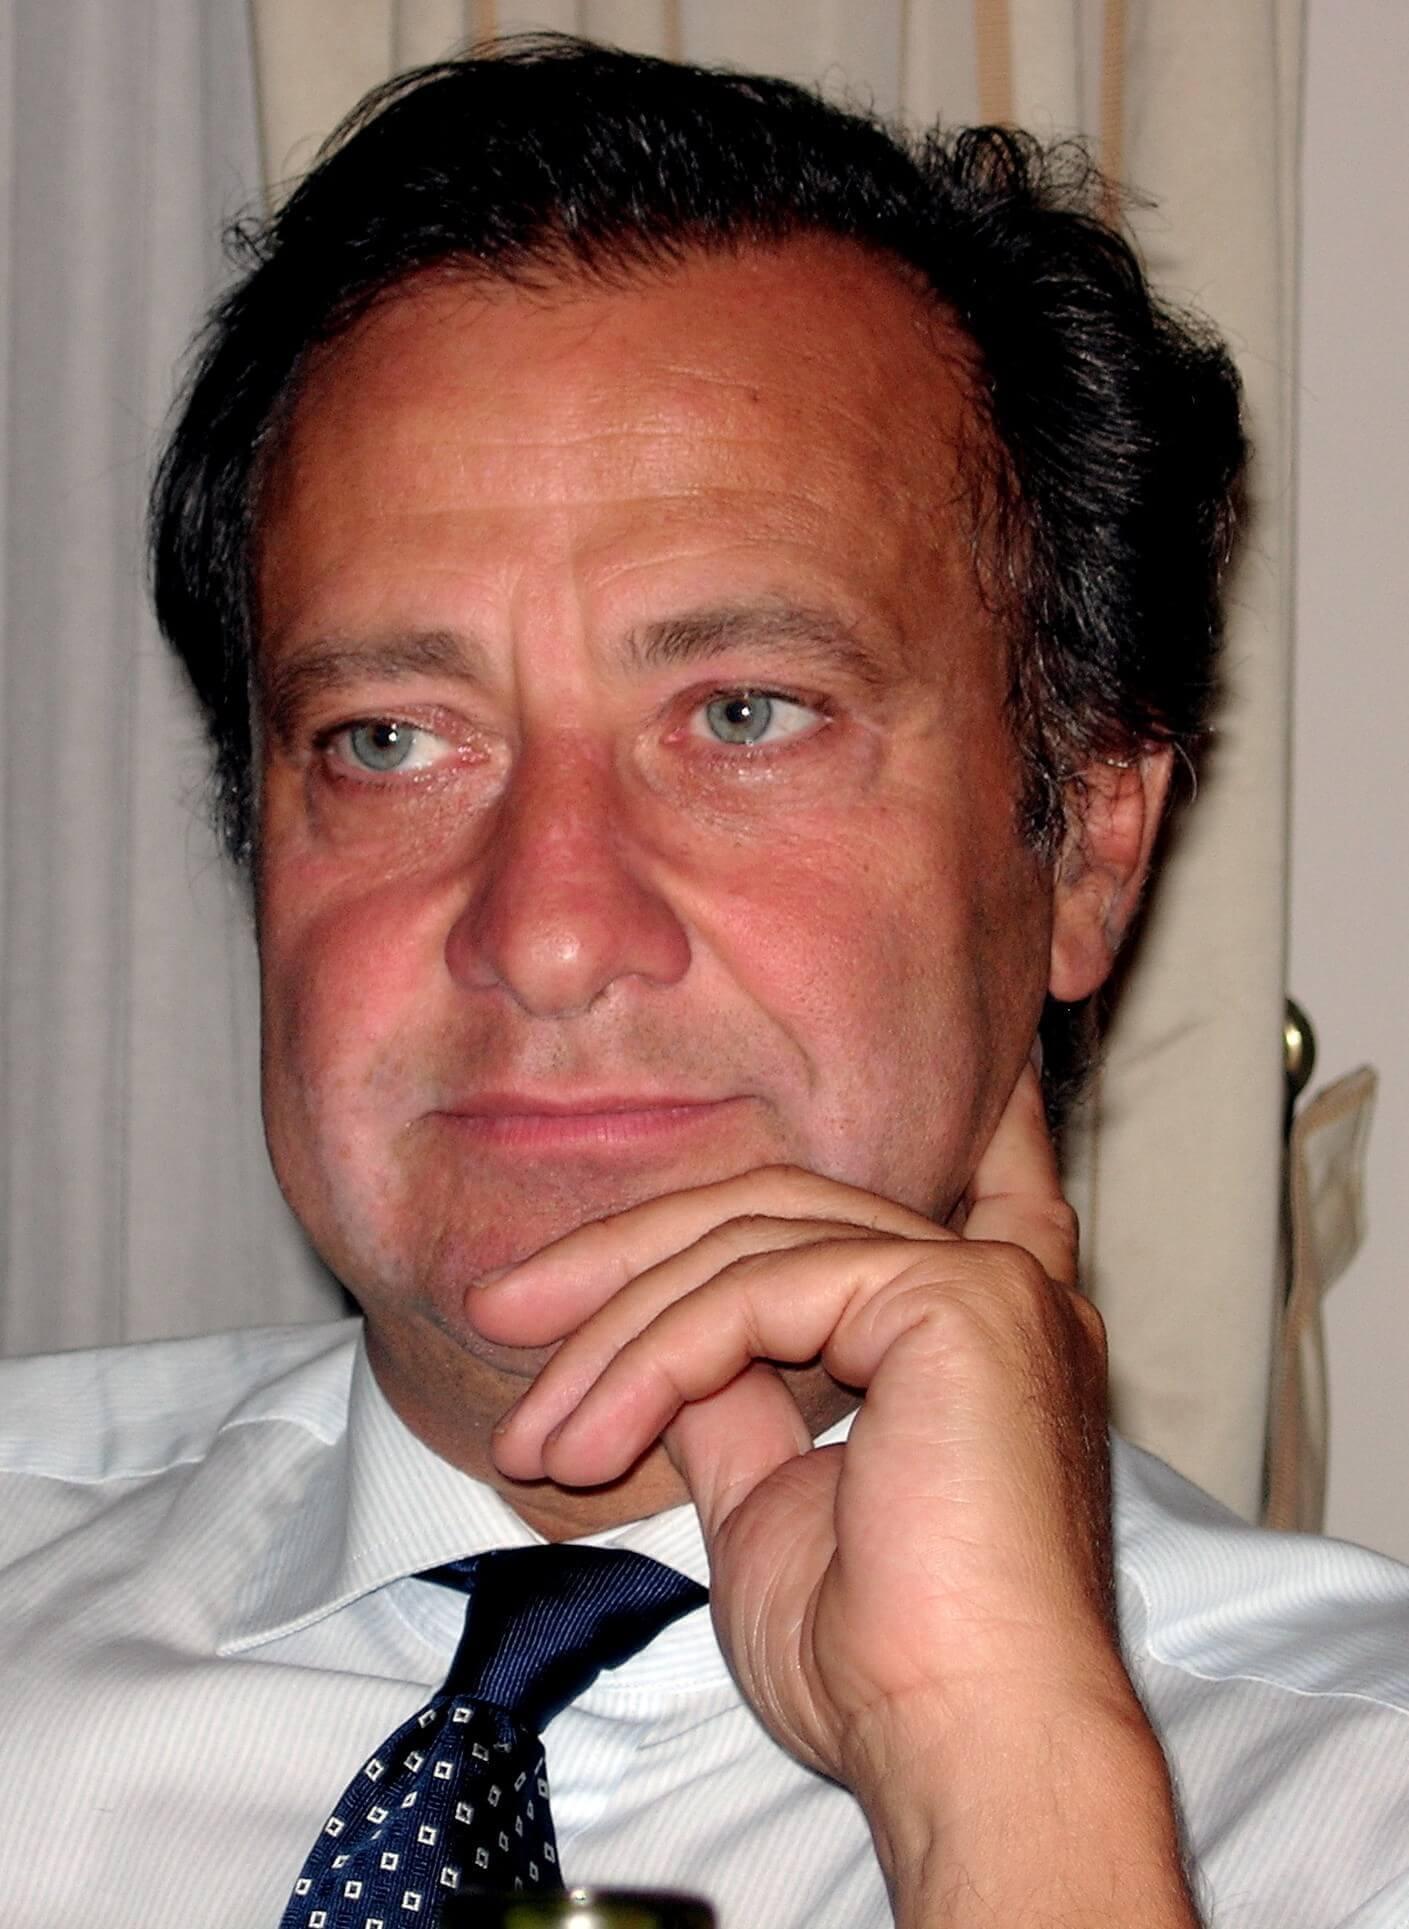 TAMBURI DI RIALZO PER PIAZZA AFFARI. ED E' FIAT IL TITOLO PIU' SOTTOVALUTATO. L'INTERVISTA AL PRESIDENTE DI TIP.